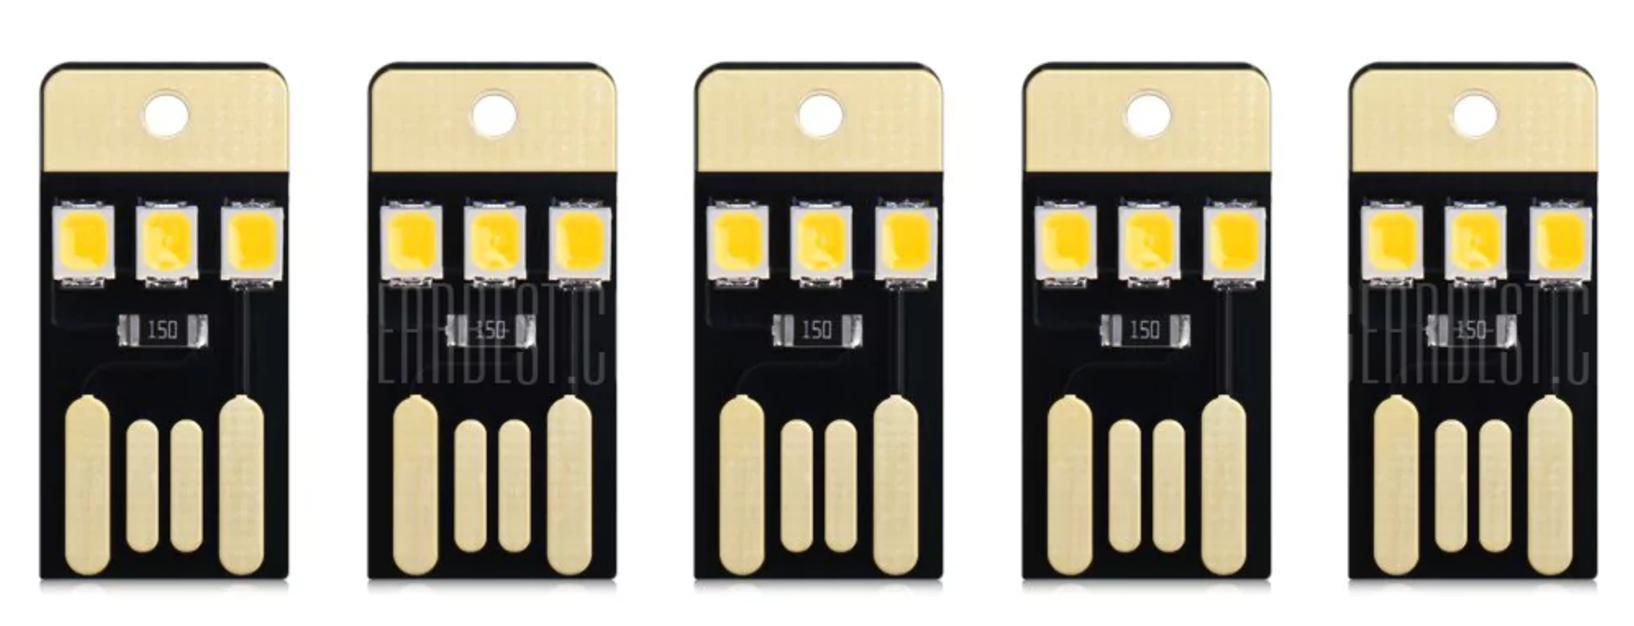 [GearBest] 5 sehr kleine USB LED Lichter für 0,85€